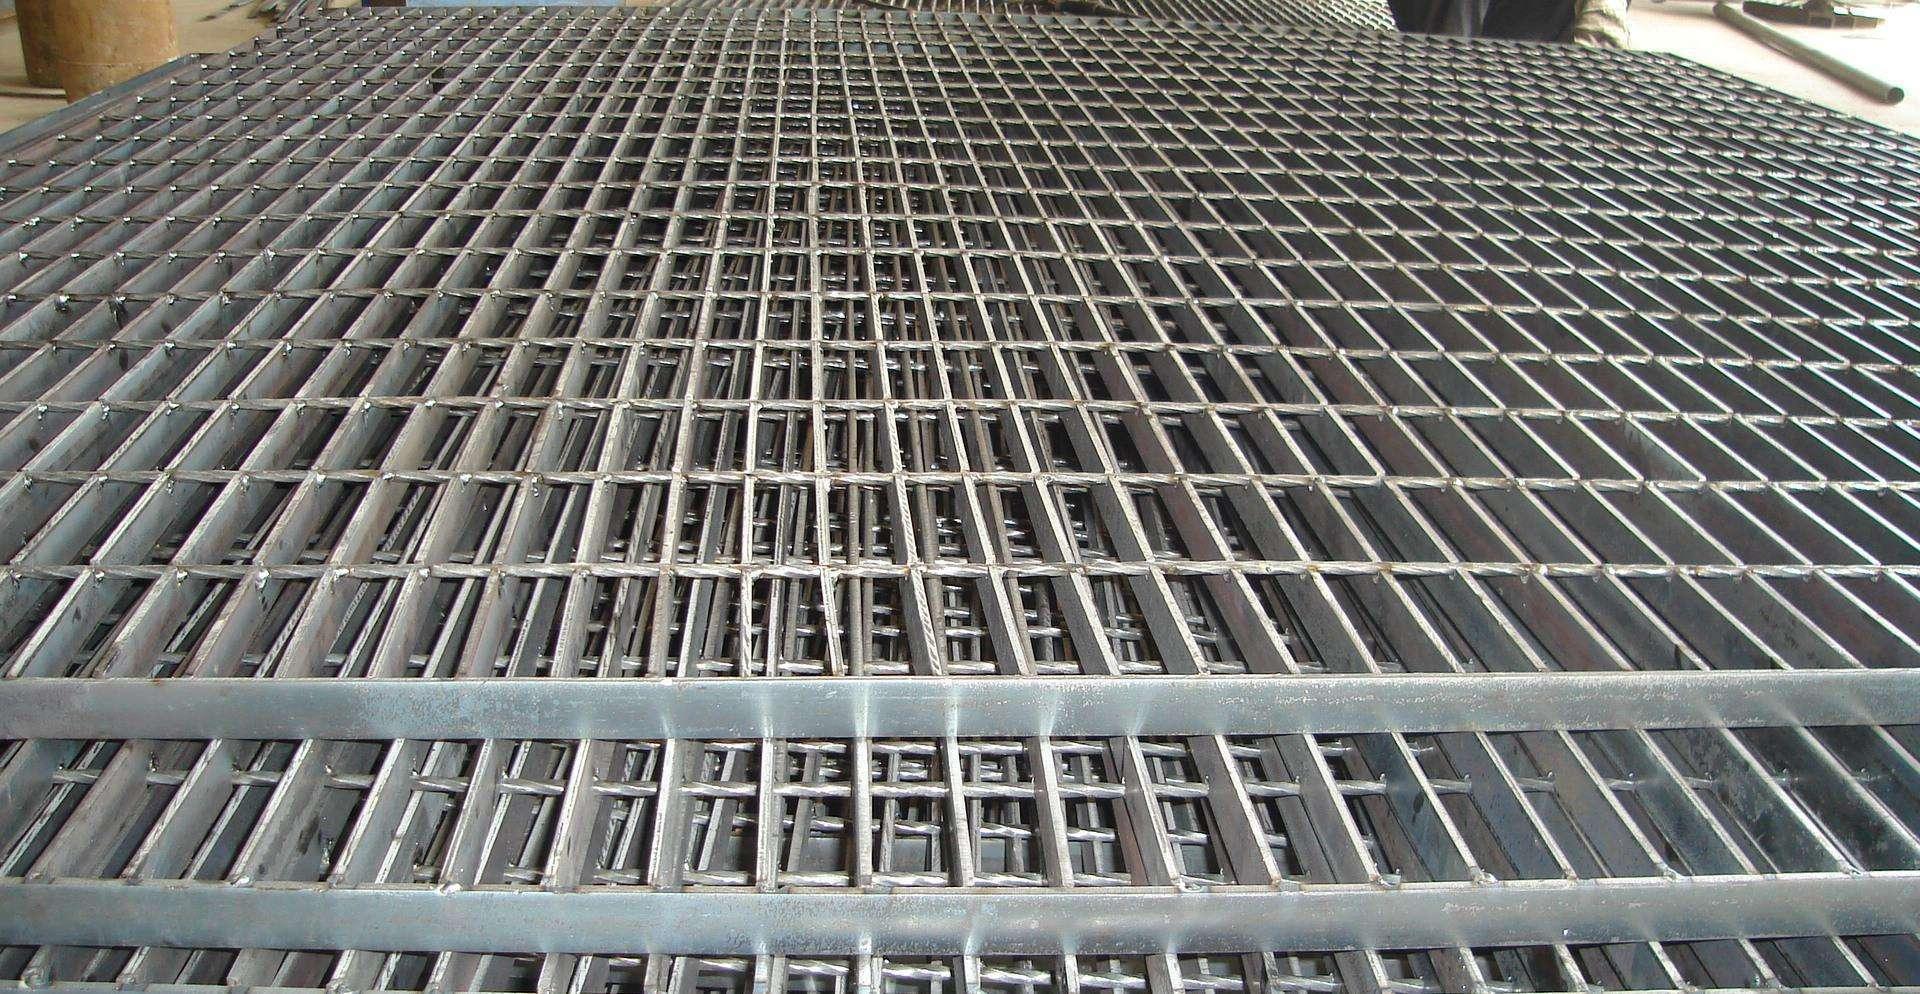 厂家生产批发各种混凝土检查井盖板 盖沟承重板 圆... _阿里巴巴